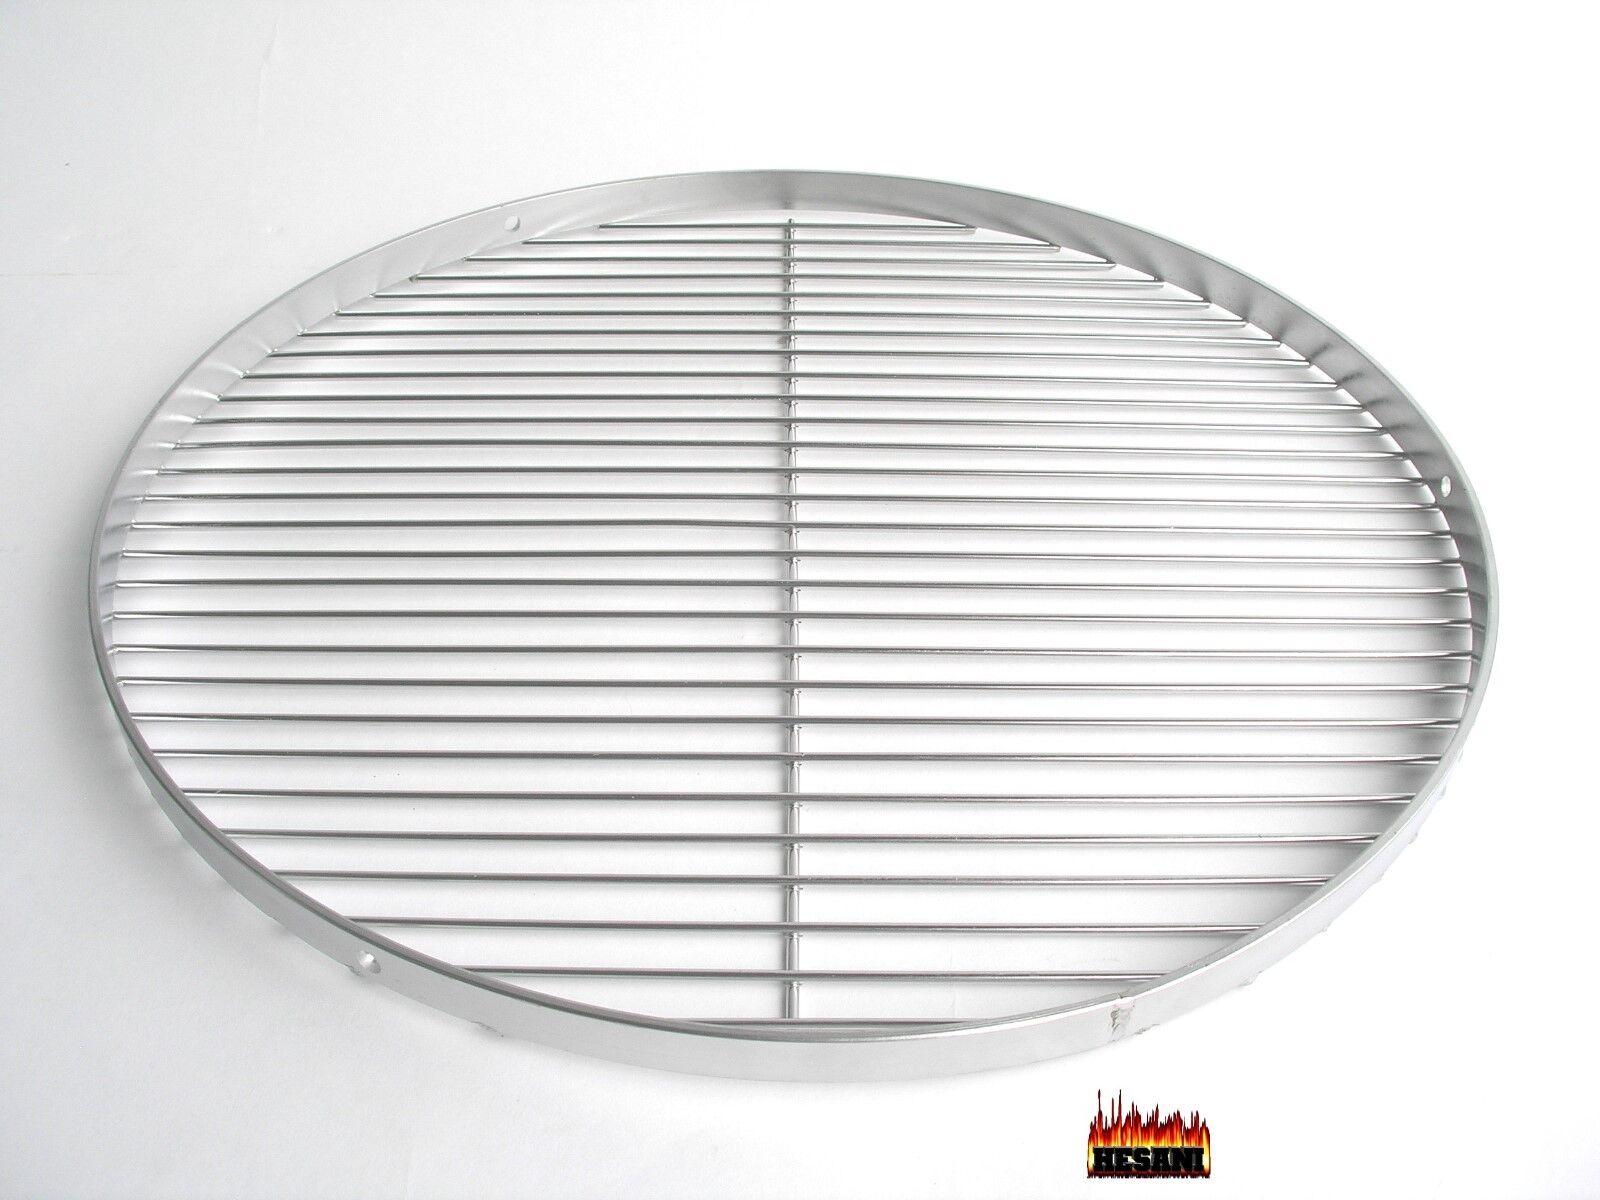 Grillrost bester Edelstahl Lebensmittelecht poliert rund Grill 50 + 60 cm